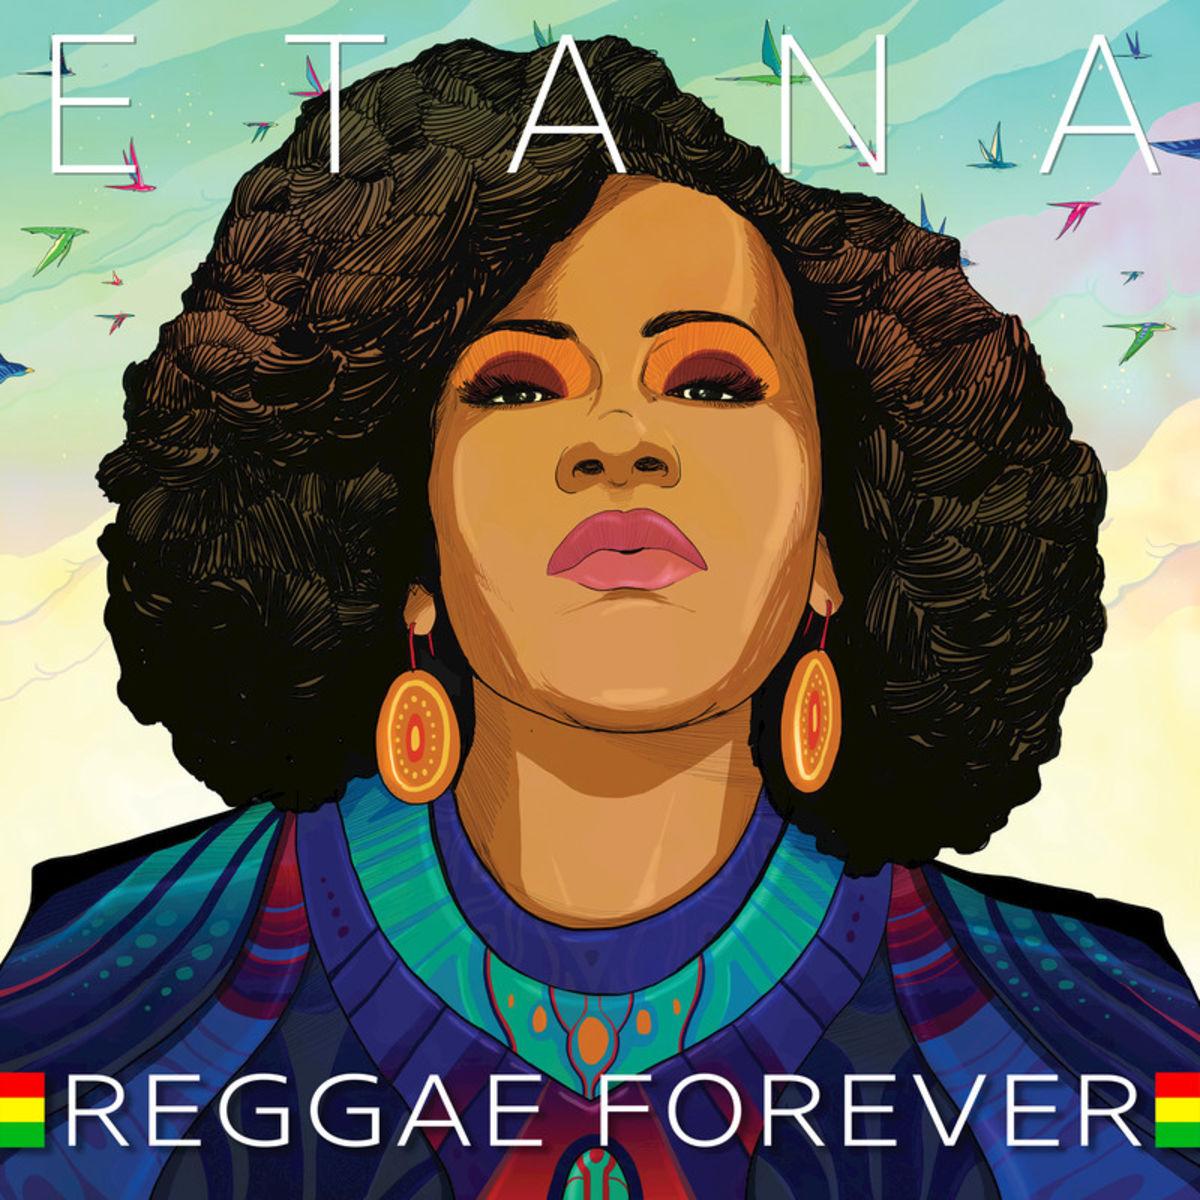 Reggae Grammy